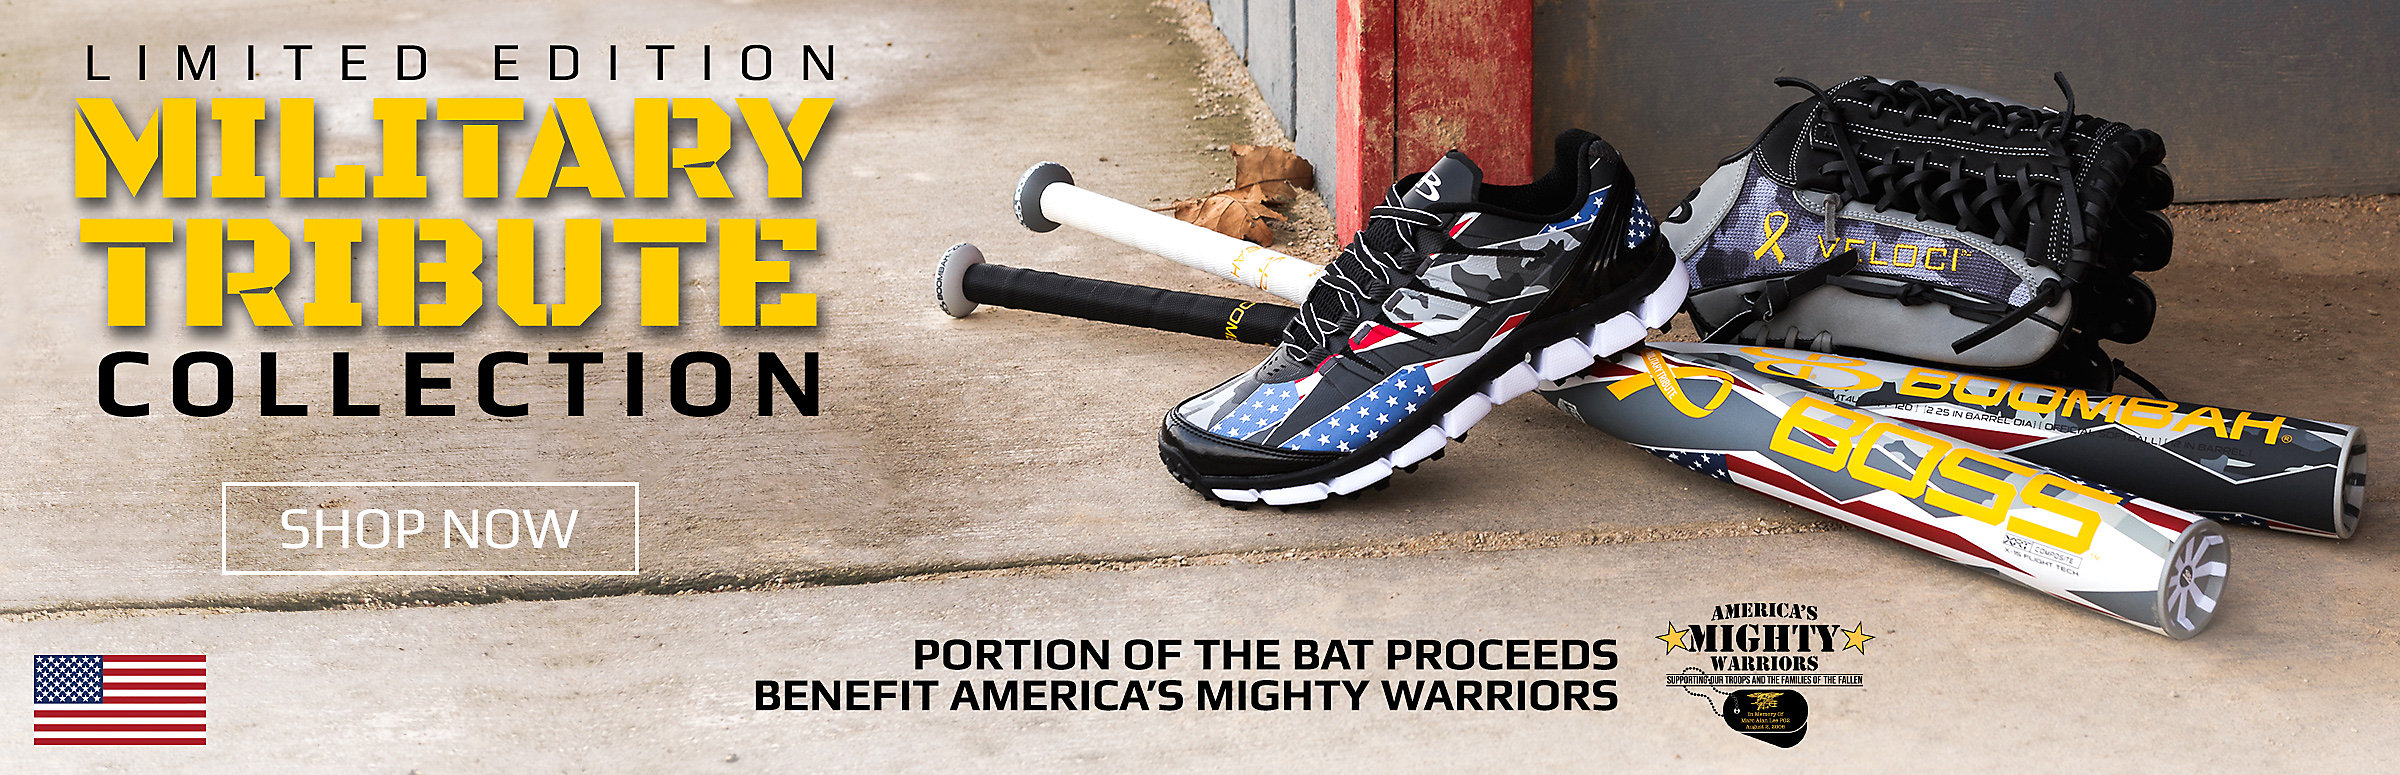 Military Tribute Boss Softball Bat